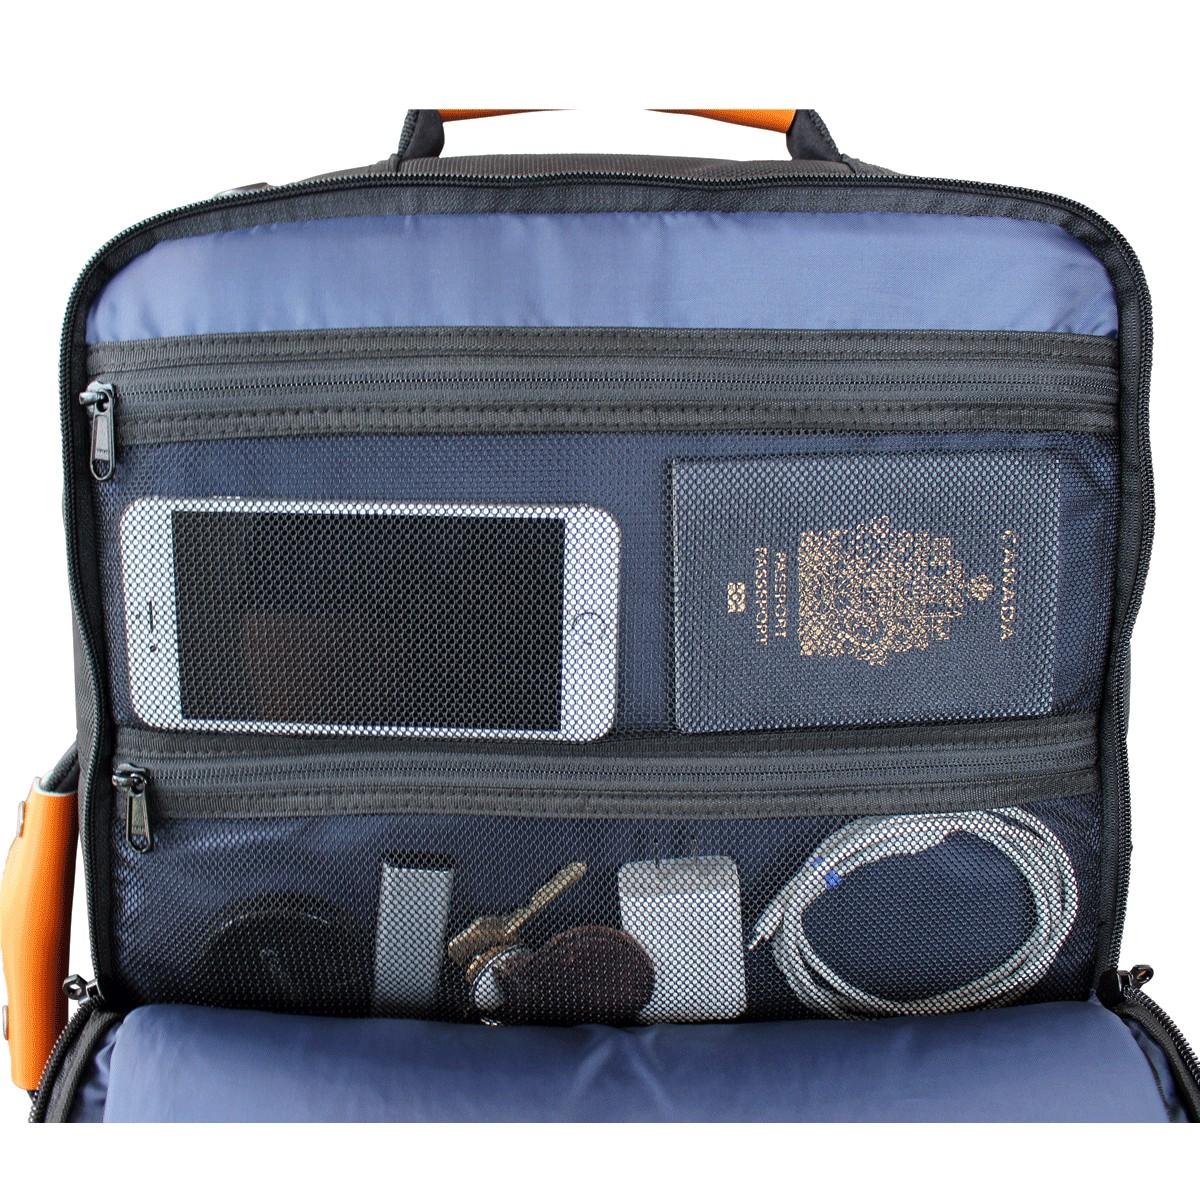 加拿大_Standard_Luggage_三用行李袋6